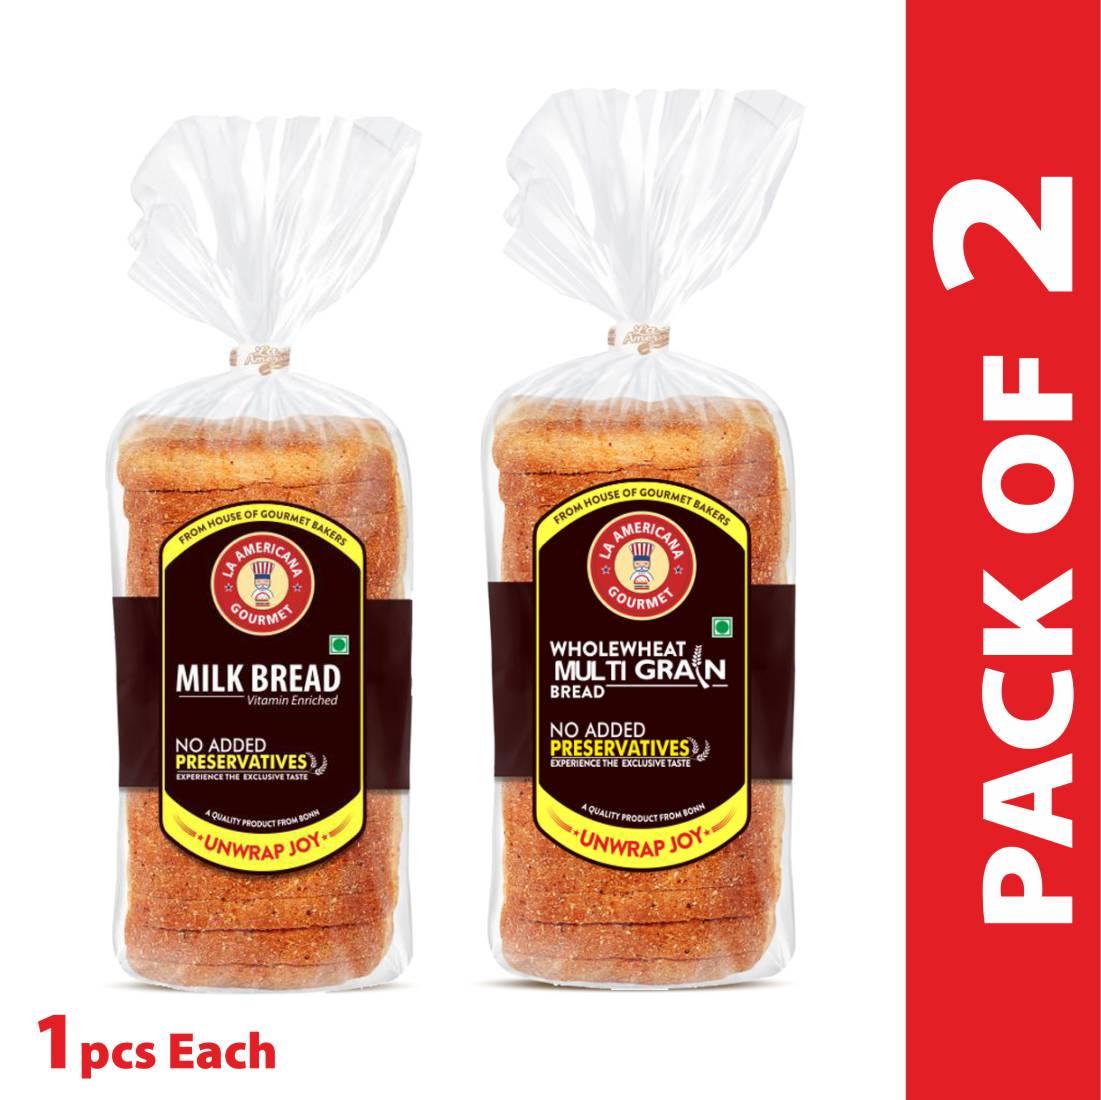 La Americana MILK BREAD 350g, and La Americana Wholewheat MULTIGRAIN BREAD 350g, (Pack of 1 each)